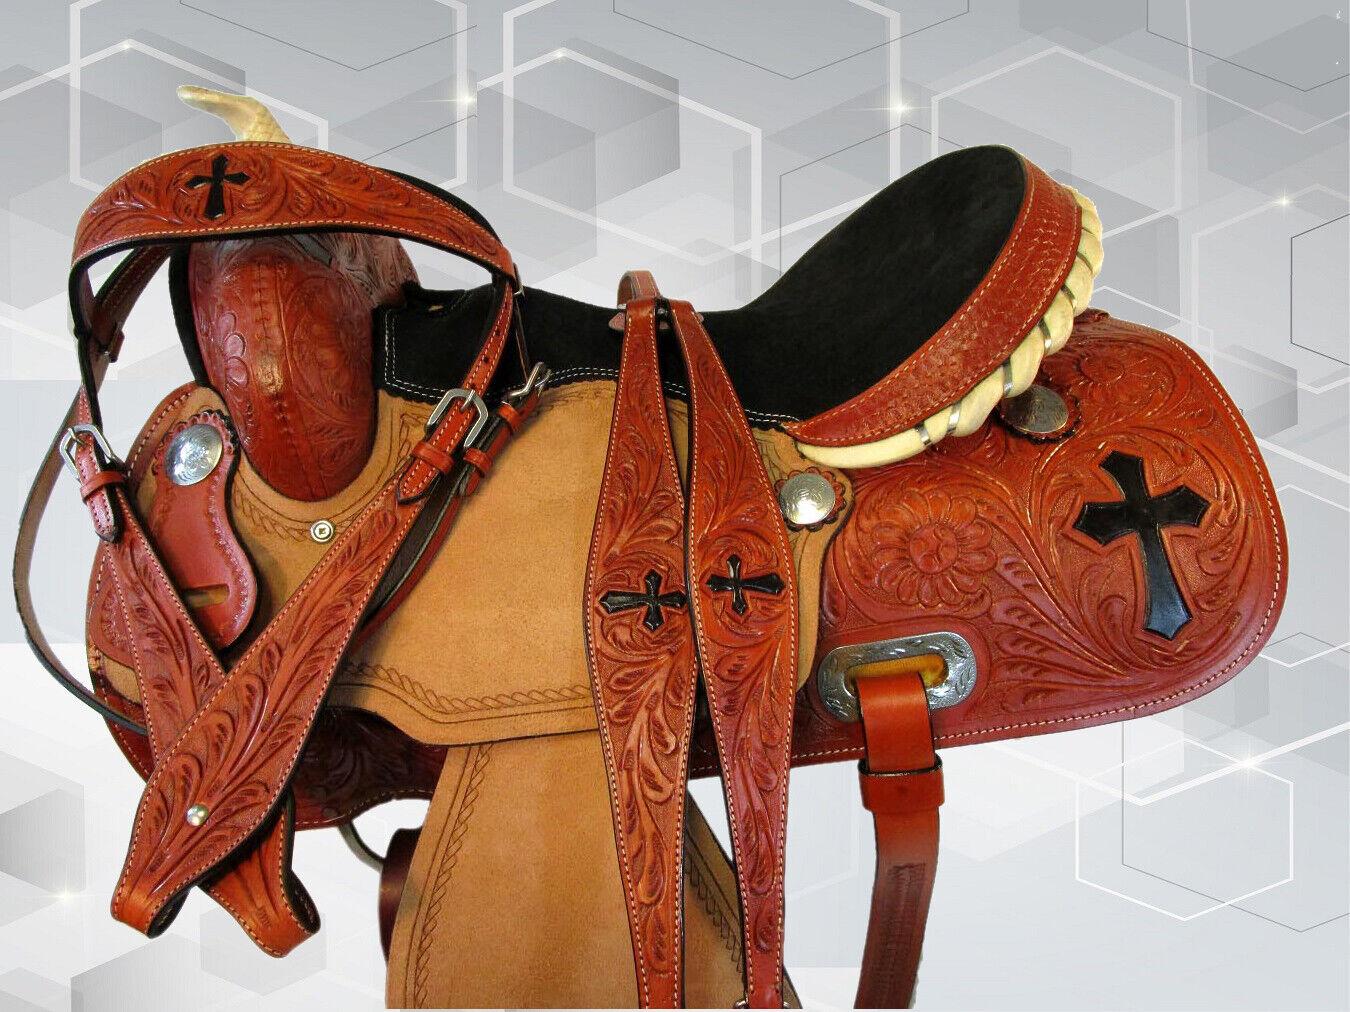 Floral Fileteado  barril Racing show de caballo occidental de cuero silla árabe 15 16  envío gratuito a nivel mundial